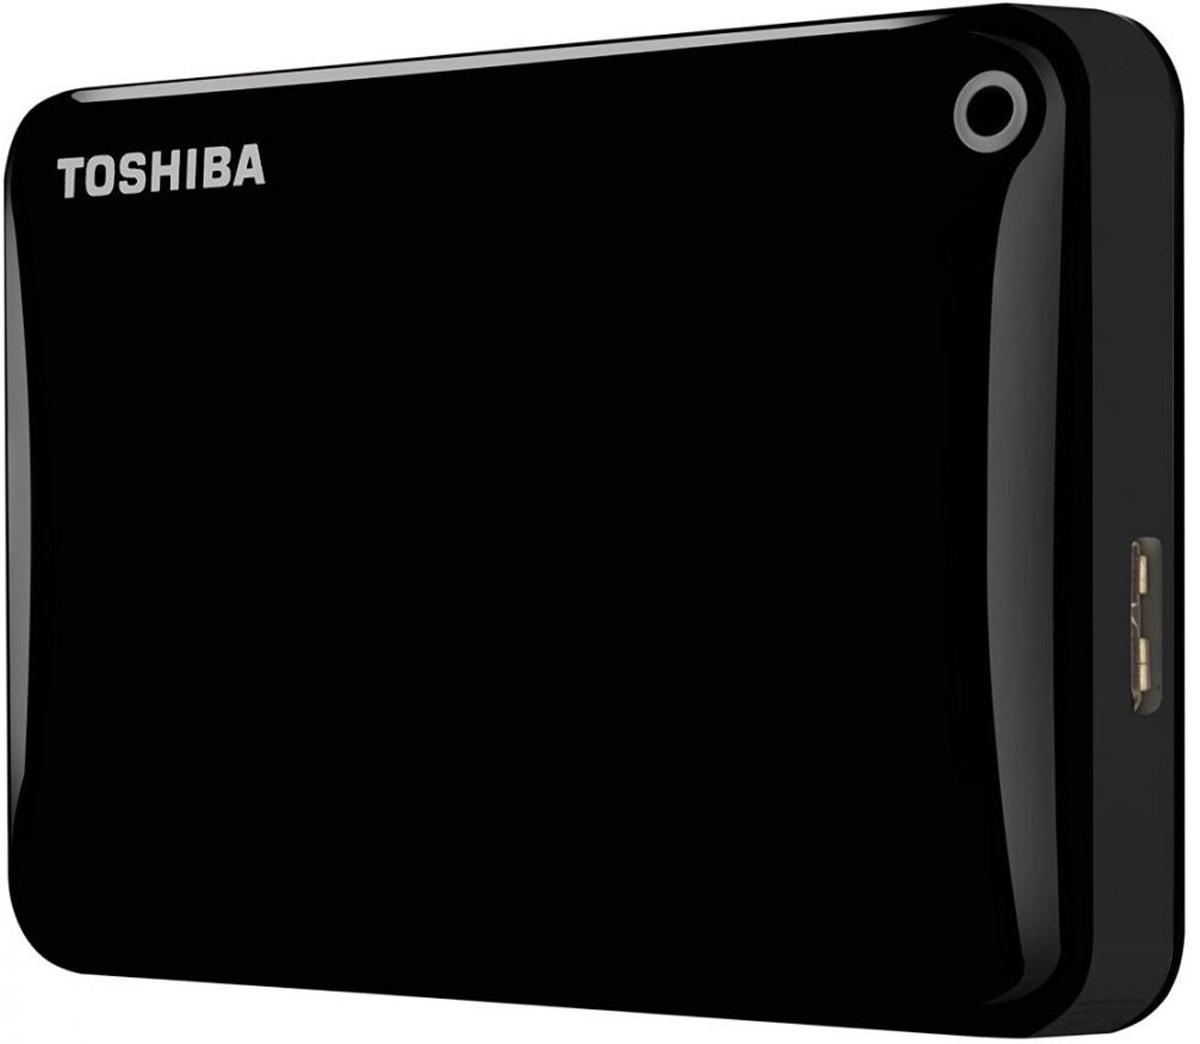 Toshiba Canvio Connect II 3TB, Black внешний жесткий диск (HDTC830EK3CA)HDTC830EK3CAToshiba Canvio Connect II дает вам возможность быстро передавать файлы с интерфейсом USB 3.0 и хранить до 3 ТБ данных на внешнем жестком диске. Устройство полностью готово для работы с Microsoft Windows и не требует установки программного обеспечения, так что ничего не может быть удобнее для хранения всех ваших любимых файлов. В офисе или в дороге его классический дизайн будет всегда уместен. Более того, Toshiba Canvio Connect II позволяет подключаться также и к оборудованию с совместимостью USB 2.0. Этот внешний накопитель обеспечивает доступ к вашим файлам практически из любого места и с любого устройства. Toshiba Canvio Connect II может легко превратить ваш компьютер в облачный сервер благодаря предустановленному ПО для удаленного доступа (накопитель должен быть подключен к компьютеру и Wi-Fi). Помимо удаленного доступа это устройство предоставляет своему владельцу 10 ГБ дополнительного места в облачном сервисе. Программное обеспечение NTI Backup Now EZ обеспечивает...